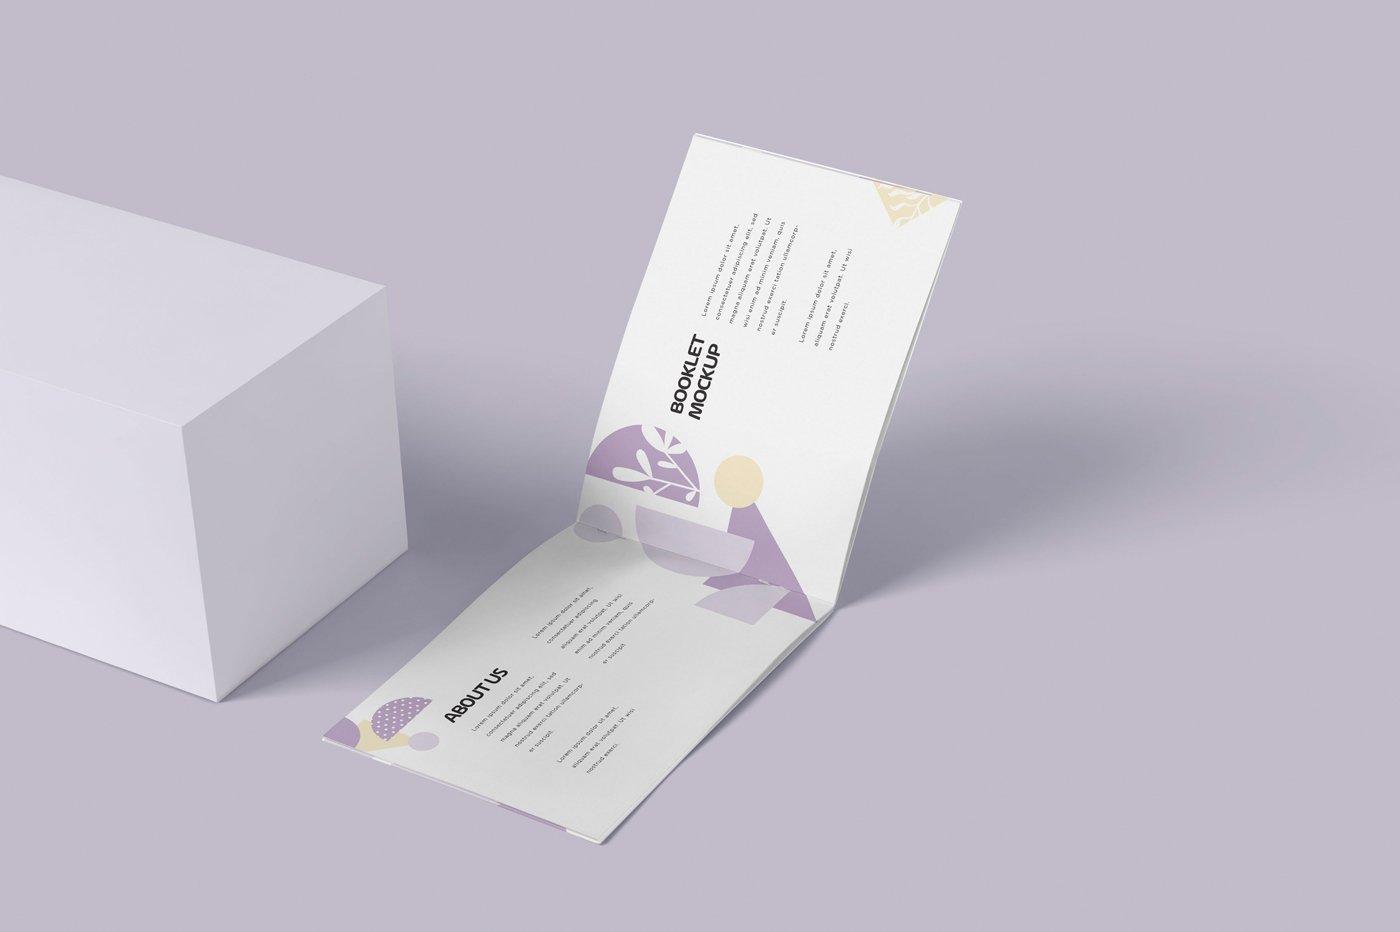 横版宣传手册画册设计展示样机模板 Landscape Booklet Mockup Templates插图(3)